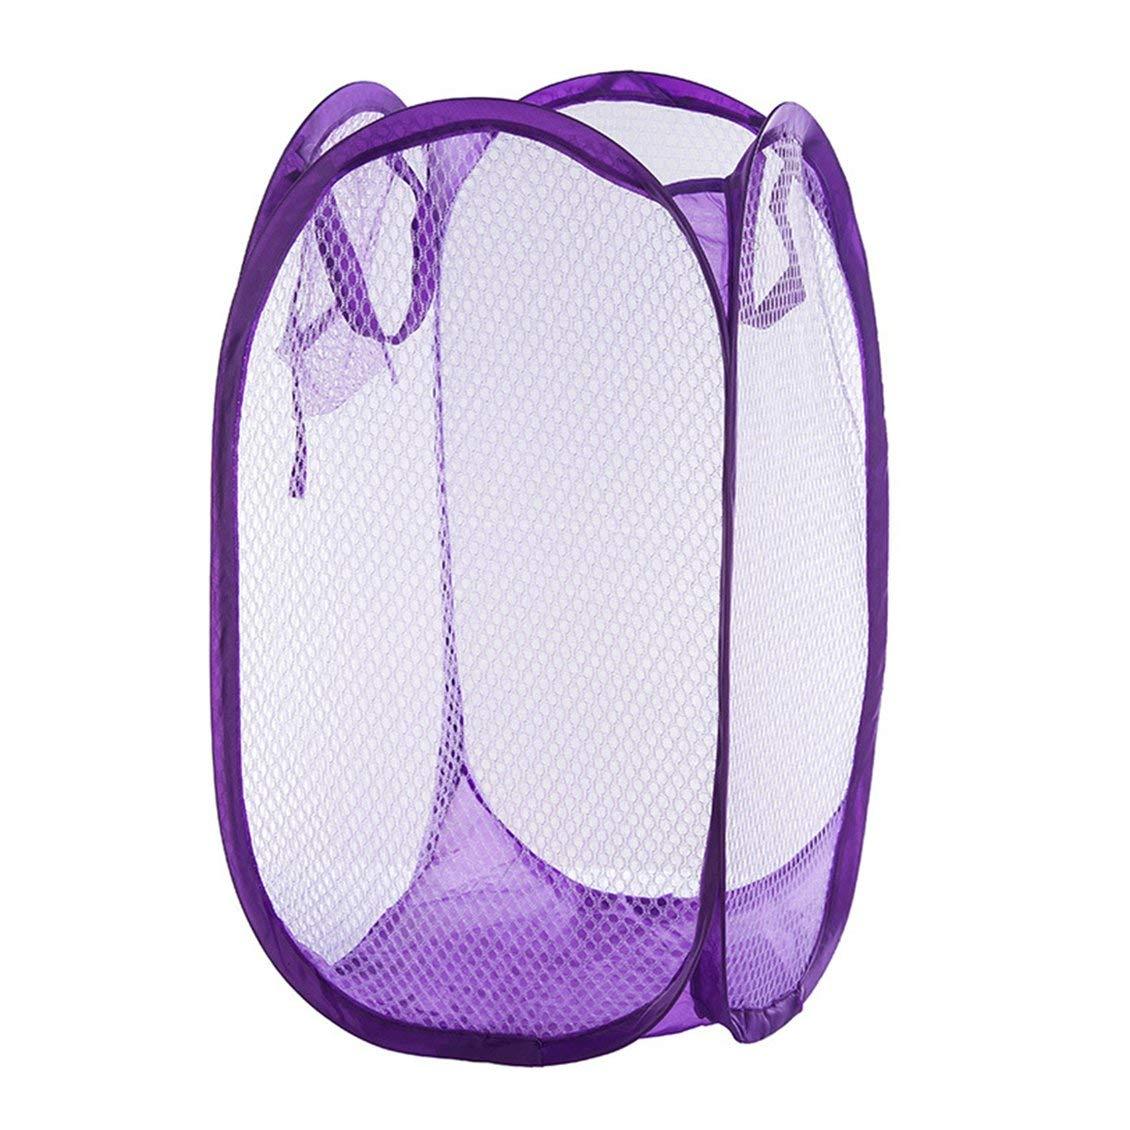 P/úrpura Pr/áctico plegable Aparato emergente para lavar la ropa Cesta de lavander/ía Color s/ólido Malla Ropa sucia Bolsa de almacenamiento Bolsa para el hogar